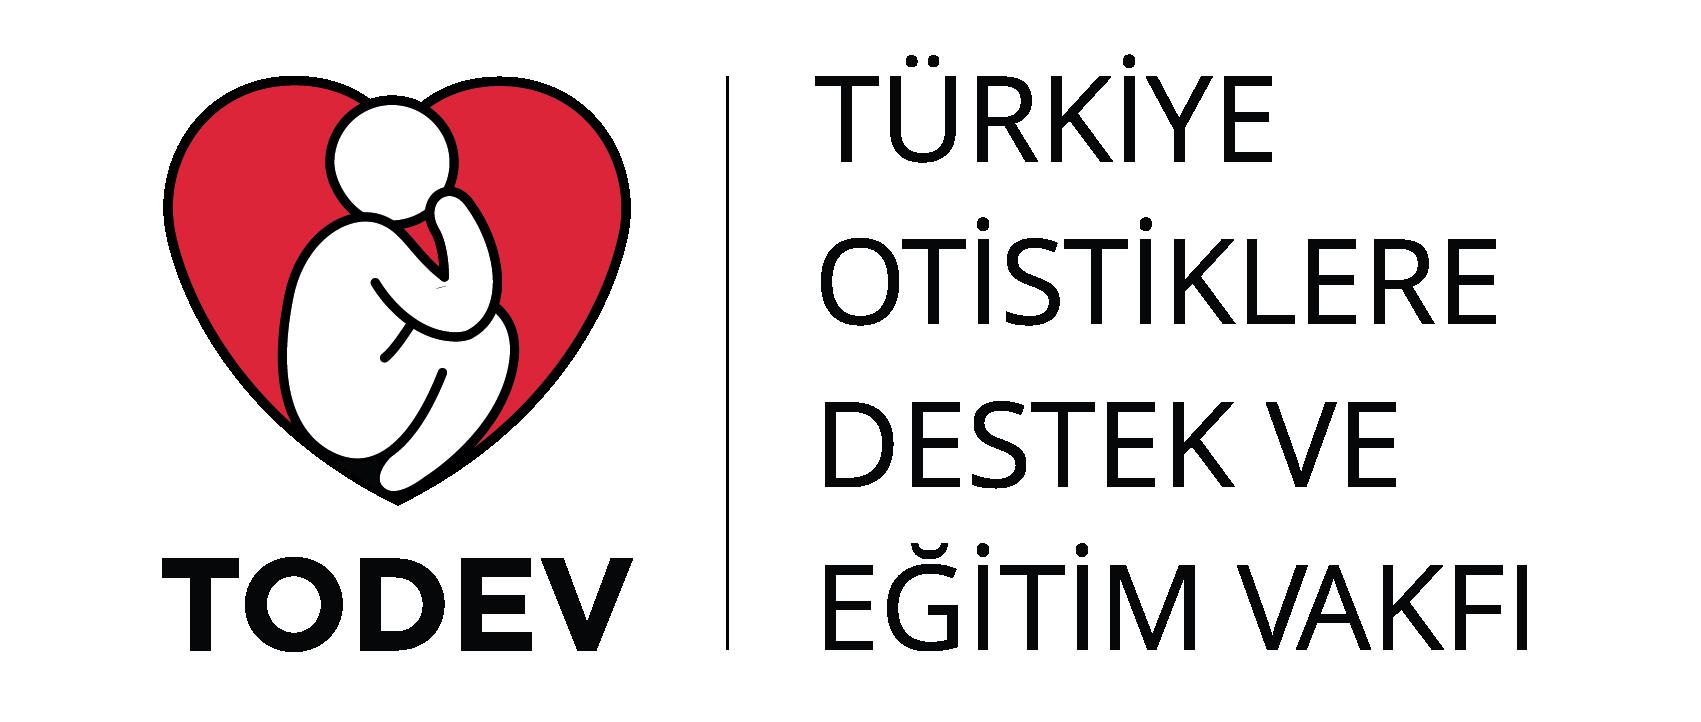 TODEV